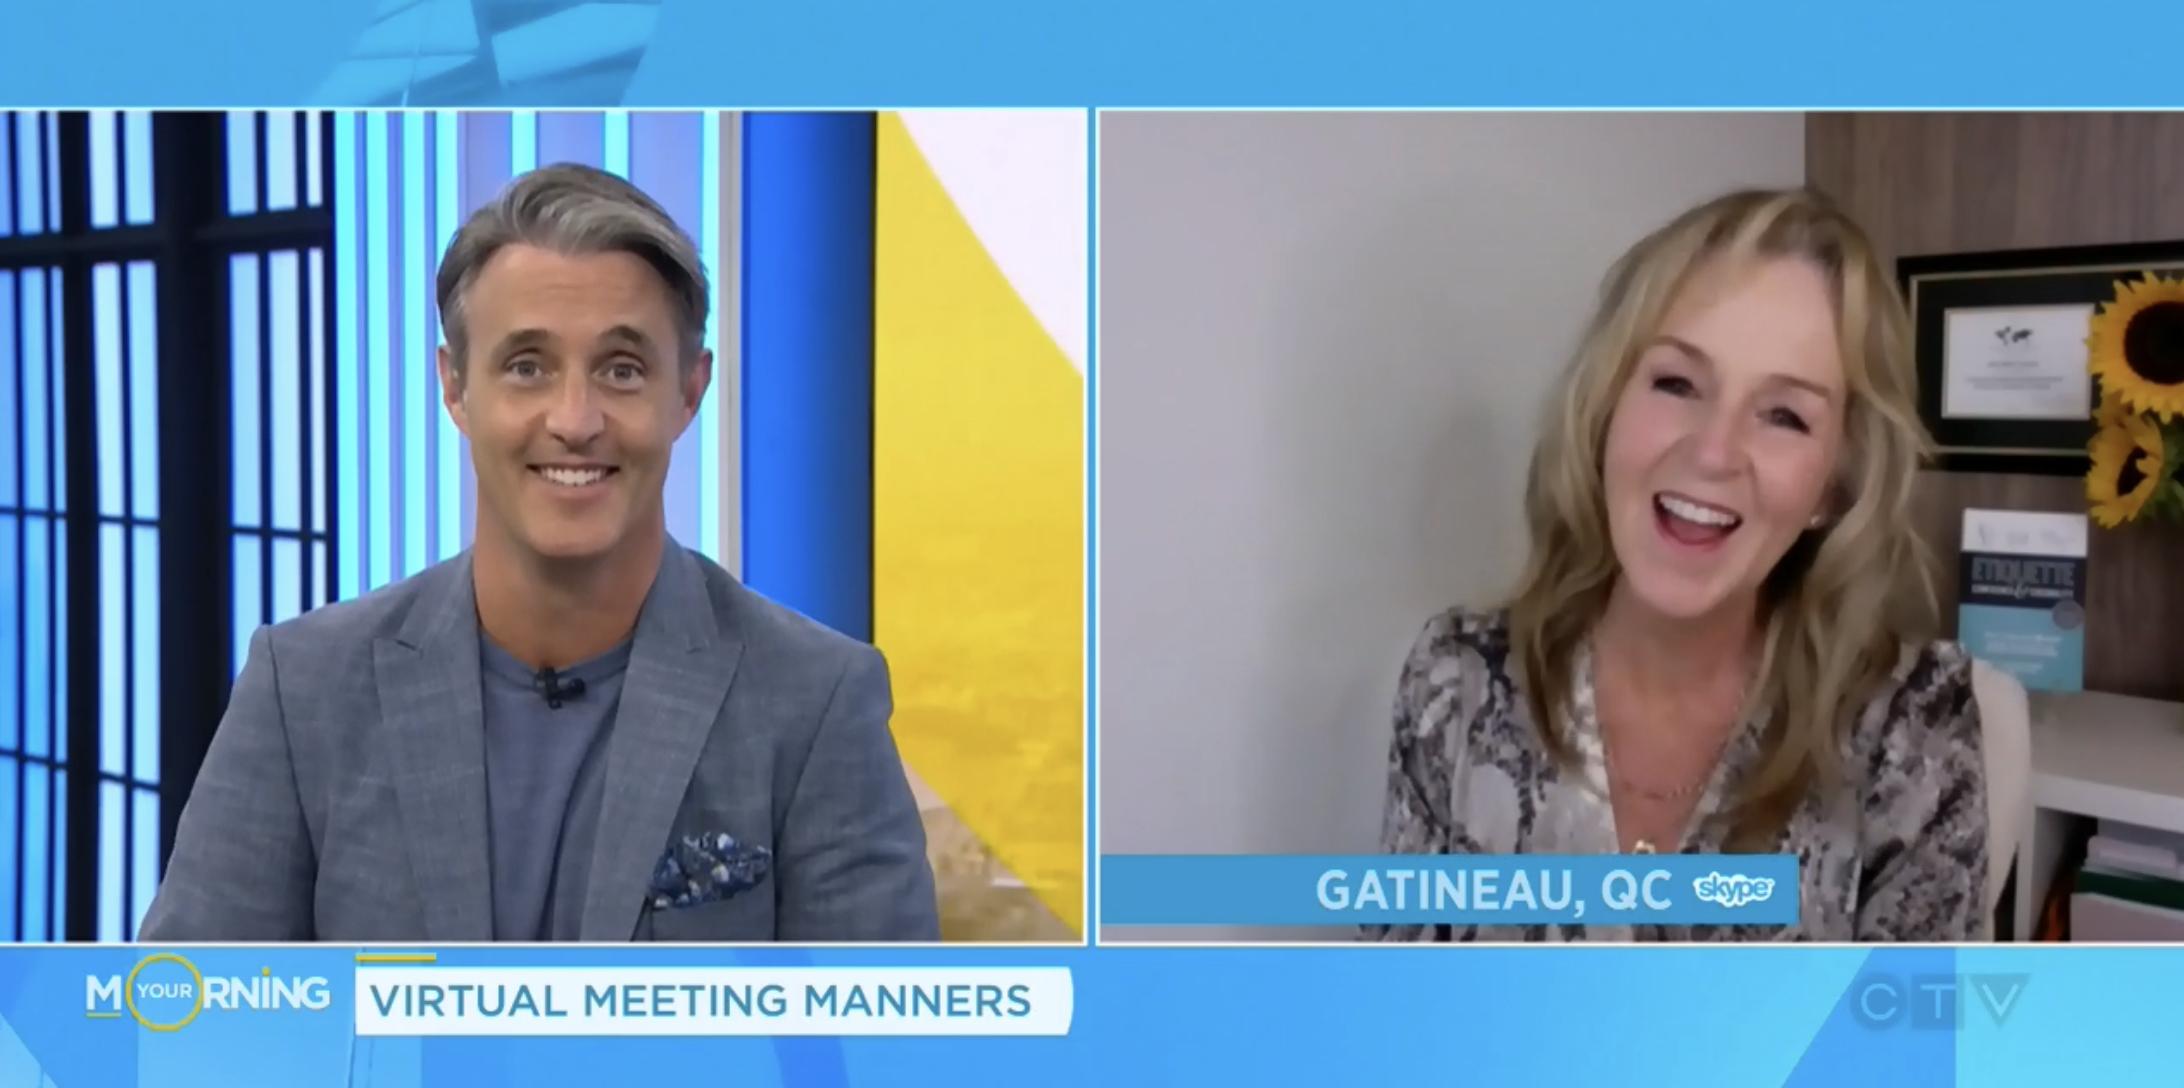 Virtual Meeting Etiquette Julie Blais Comeau